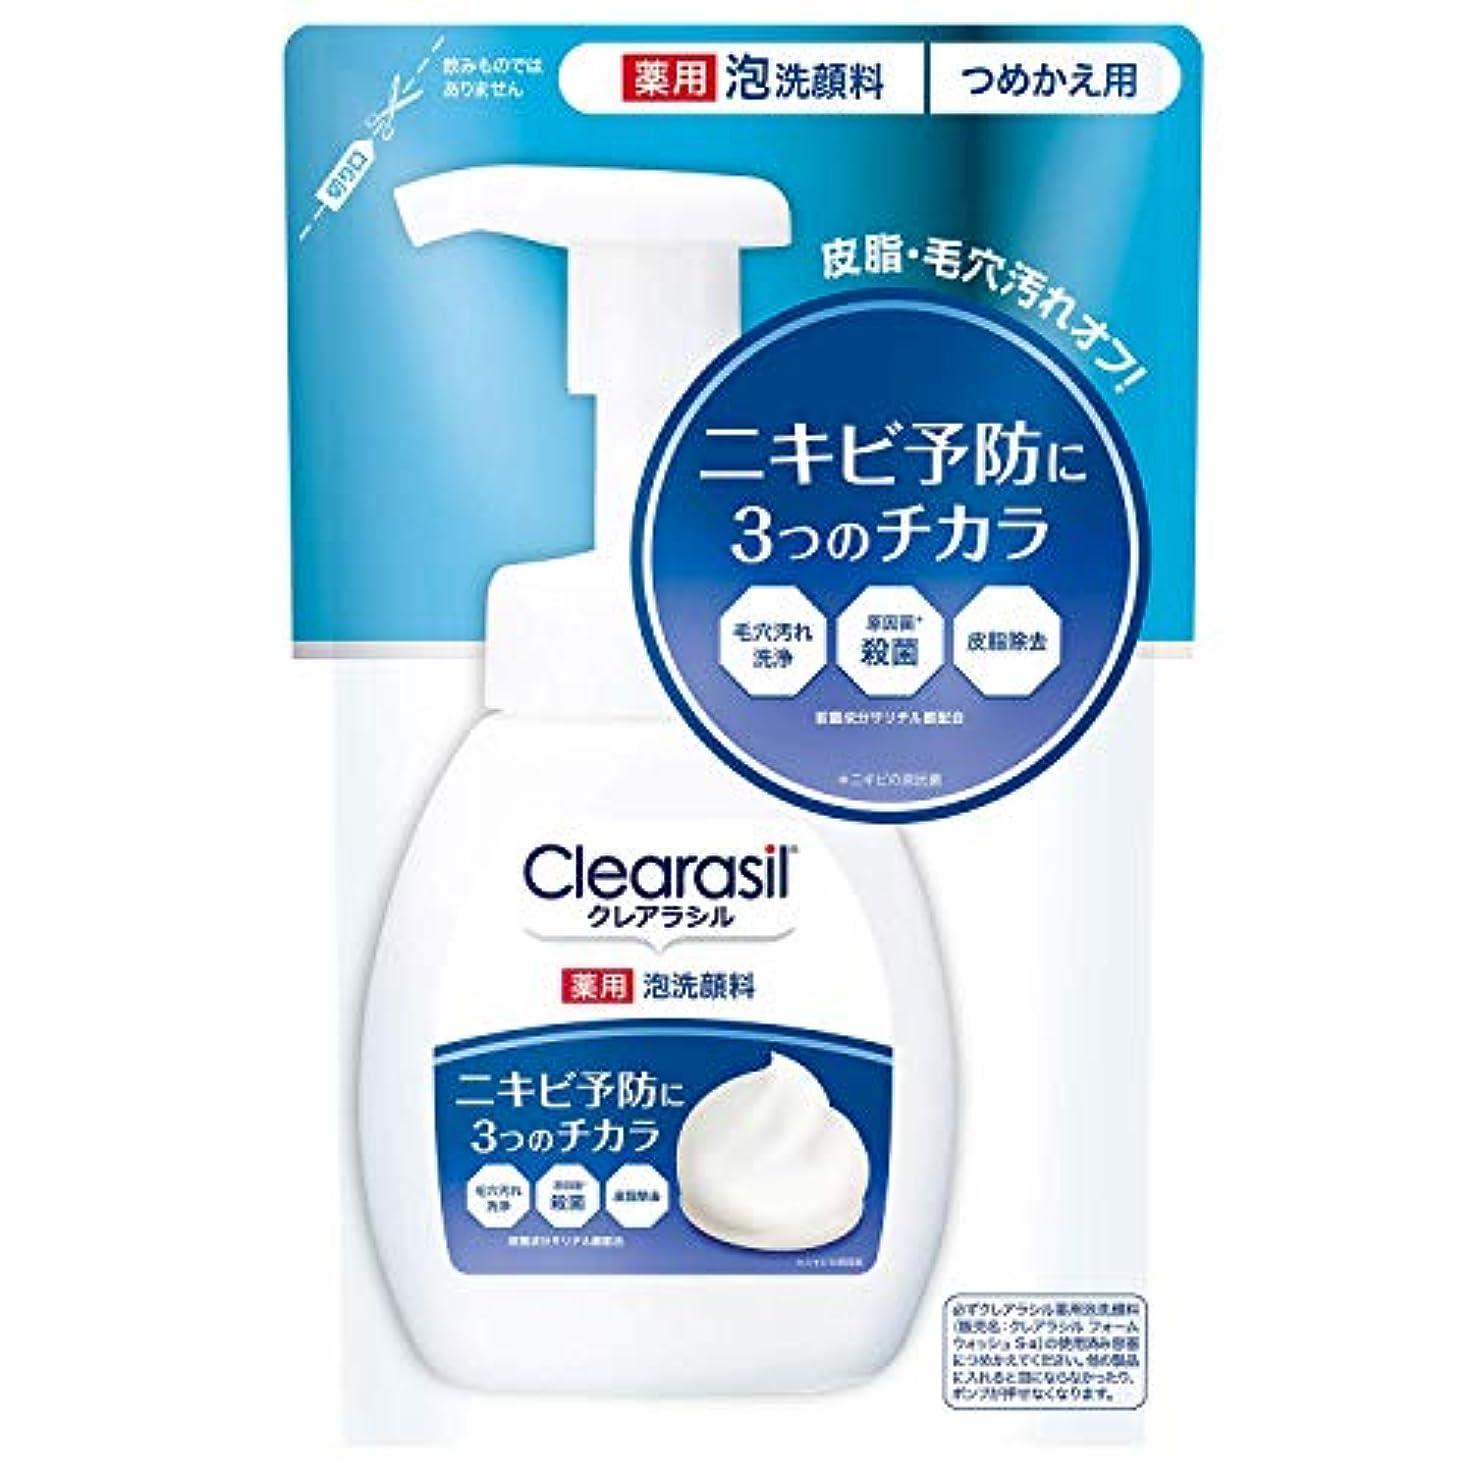 ミル主婦なだめる【clearasil】クレアラシル 薬用泡洗顔フォーム10 つめかえ用 (180ml) ×5個セット